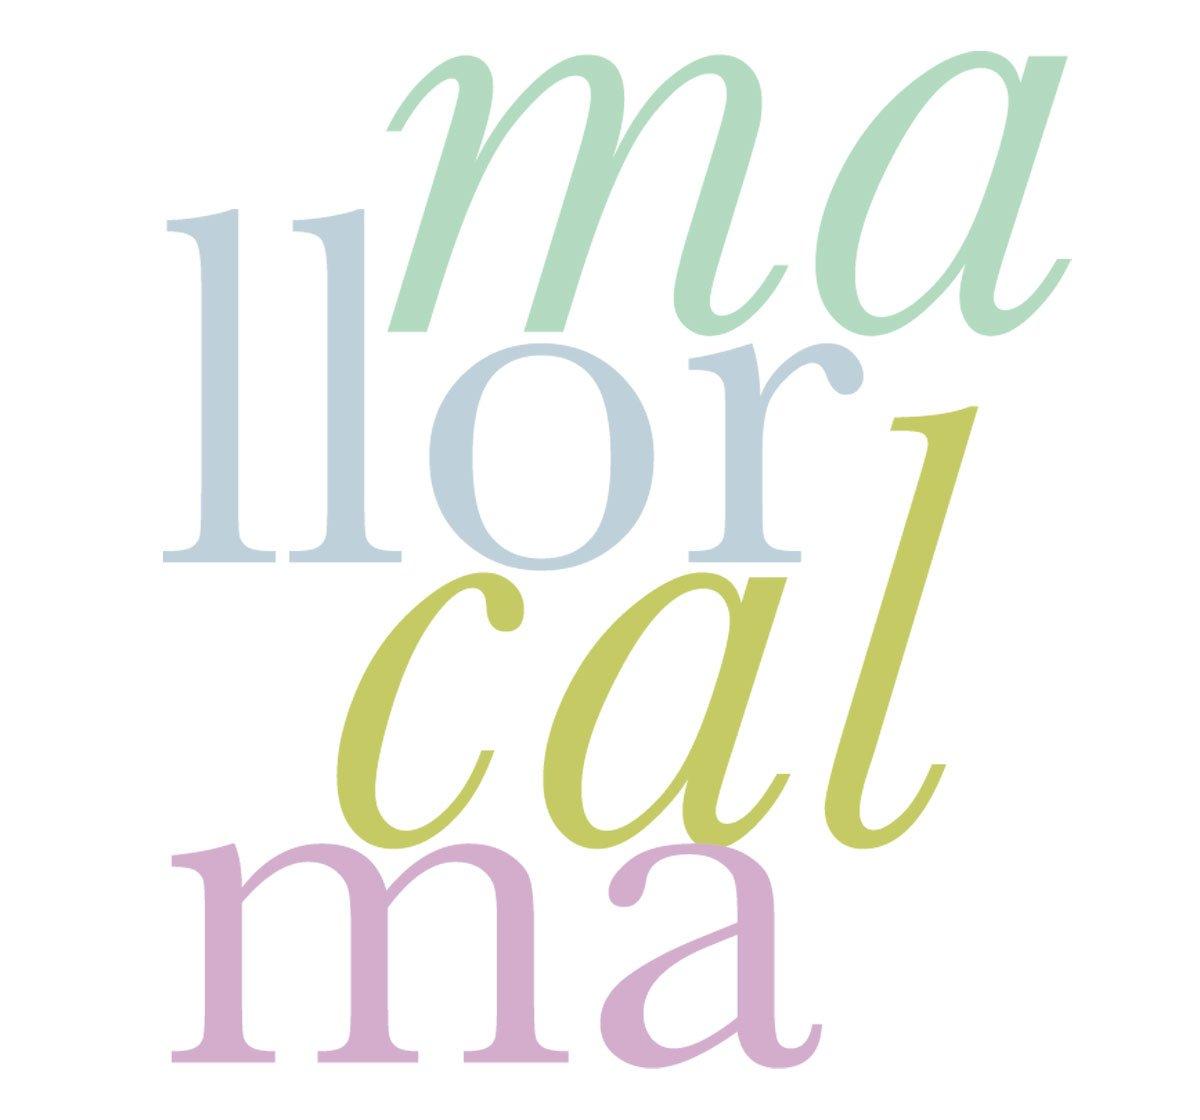 Mallorcalma